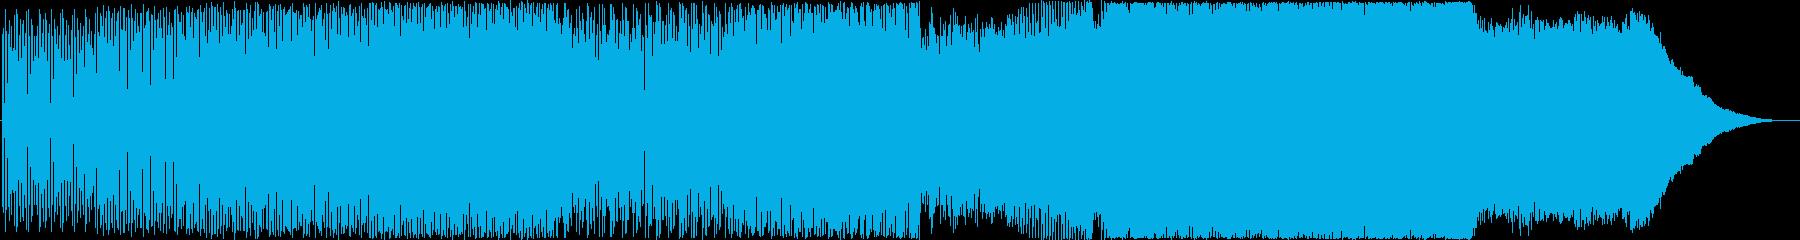 グルーヴィーでエネルギッシュなハウスの再生済みの波形